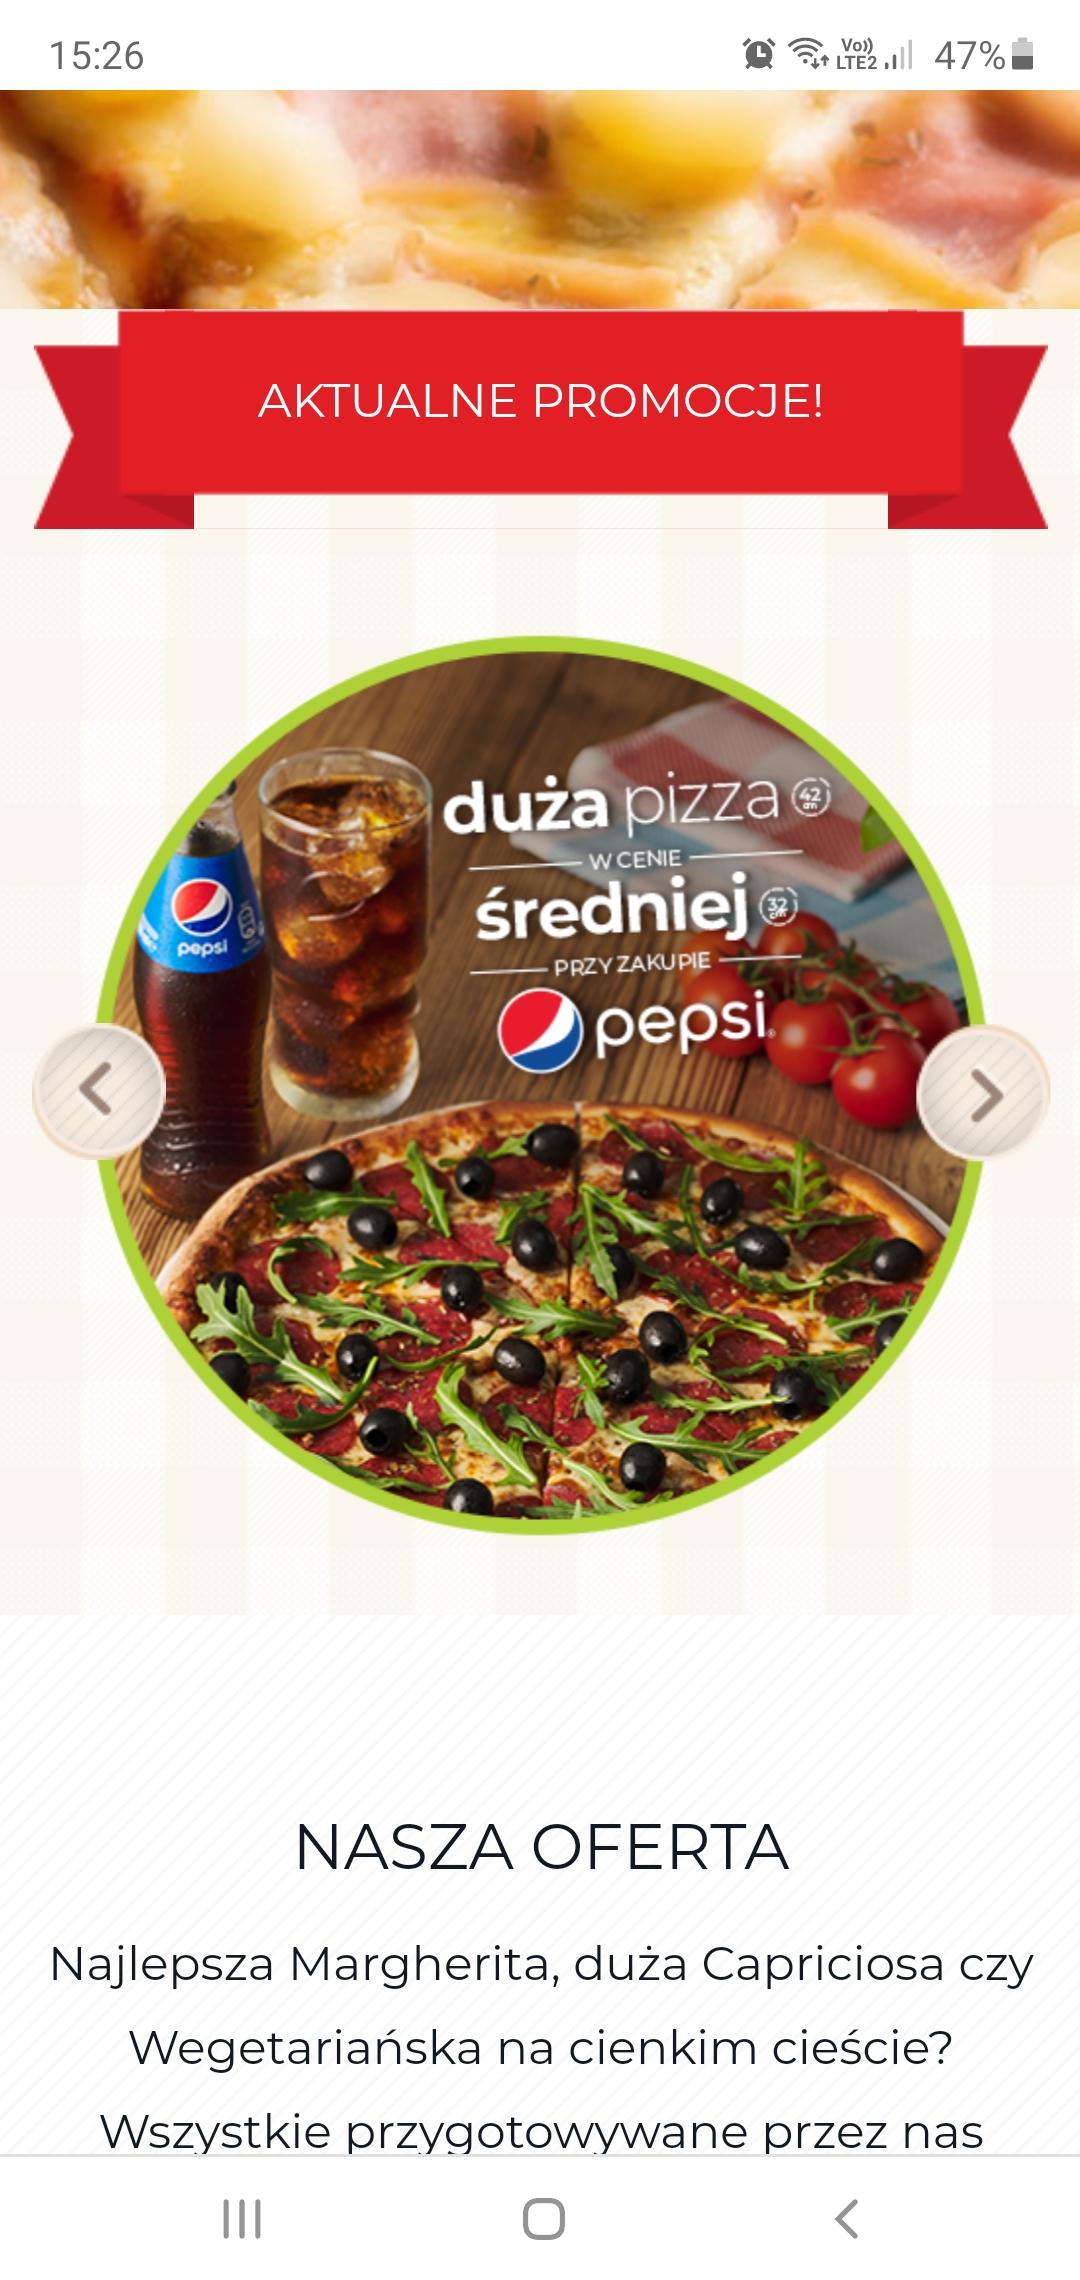 Da grasso Duża pizza w cenie średniej przy zakupie pepsi